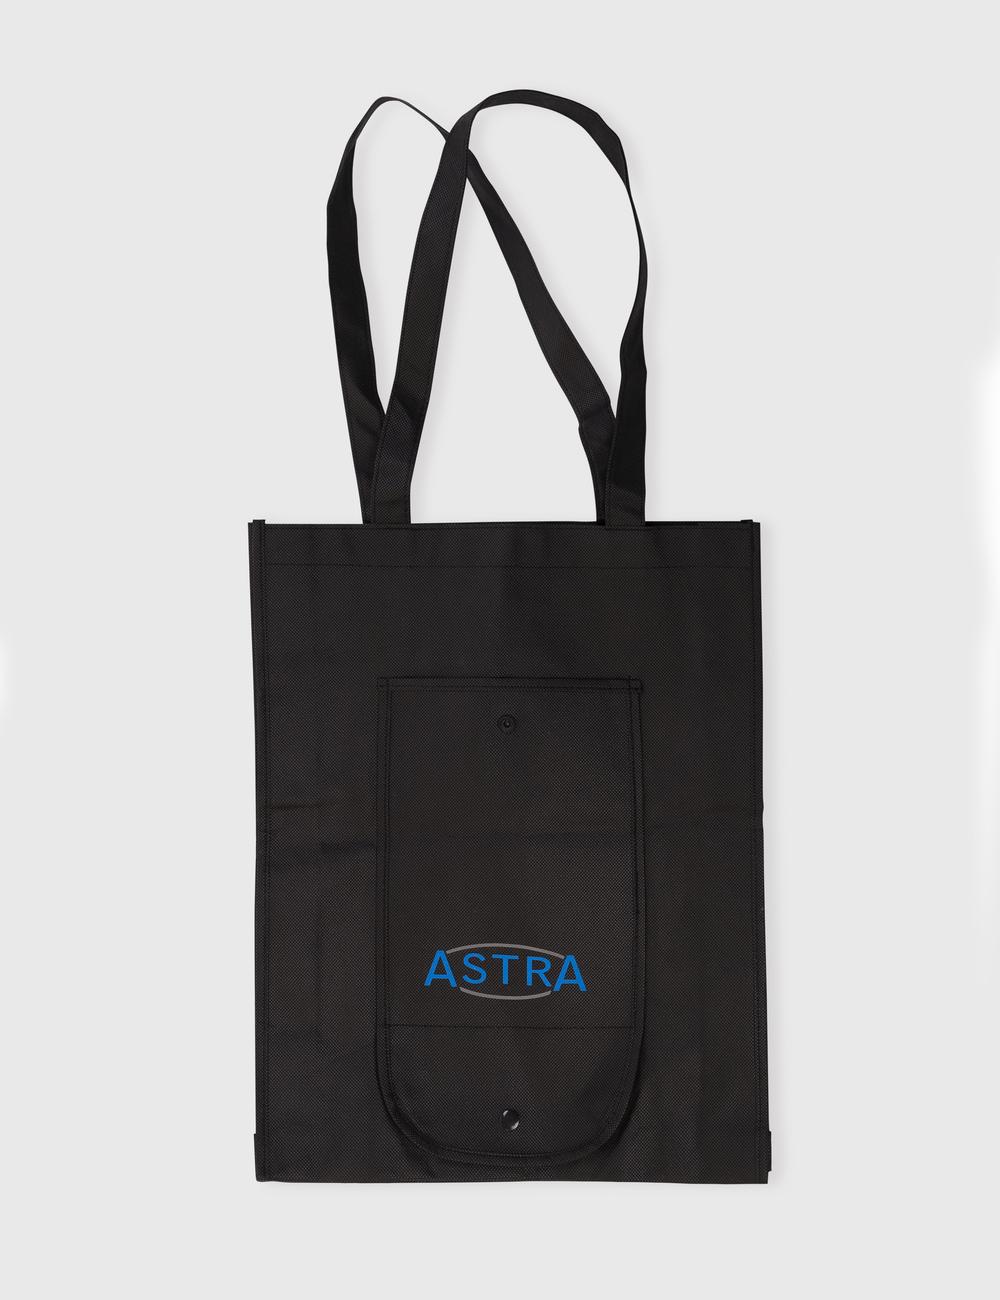 012c273e1244 Пошив и изготовление сумок в Москве | Оптовое производство по низким ...